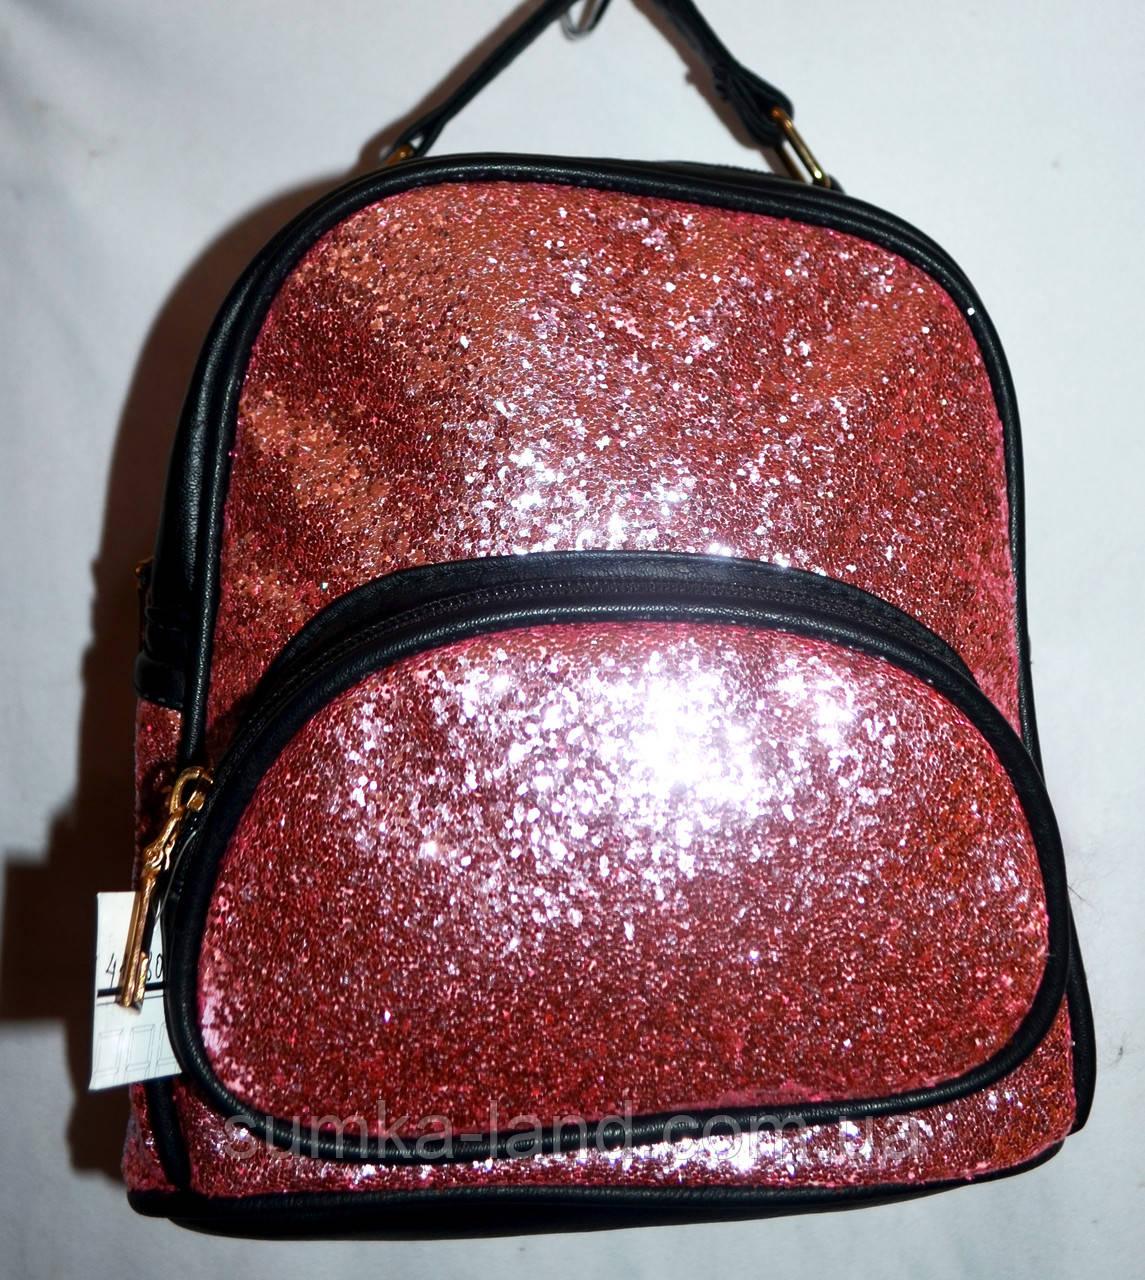 ac52bf17040b Женский рюкзак с глитером розовый 18*20 см: продажа, цена в Харькове ...